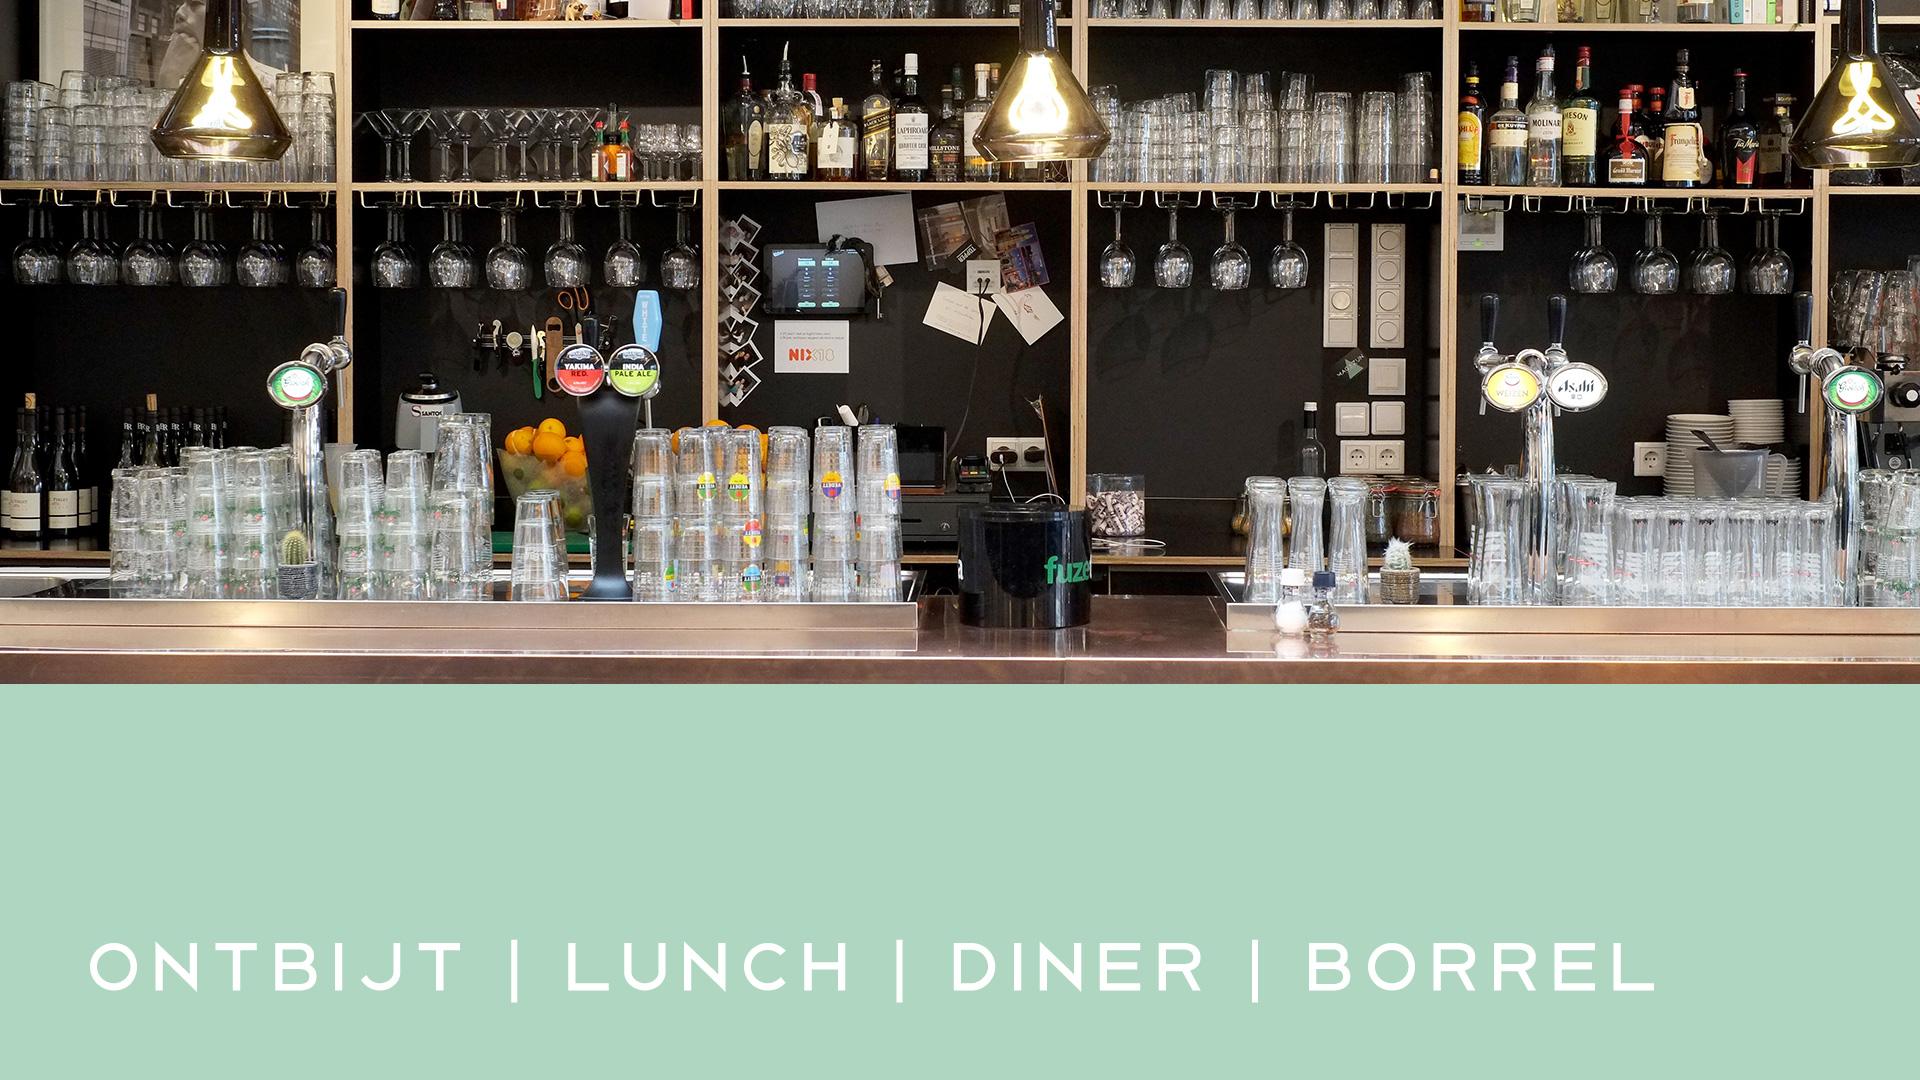 Restaurant Het Magazijn | Ontbijt | Lunch | Diner | Borrel | Voorstraat 180 | Dordrecht